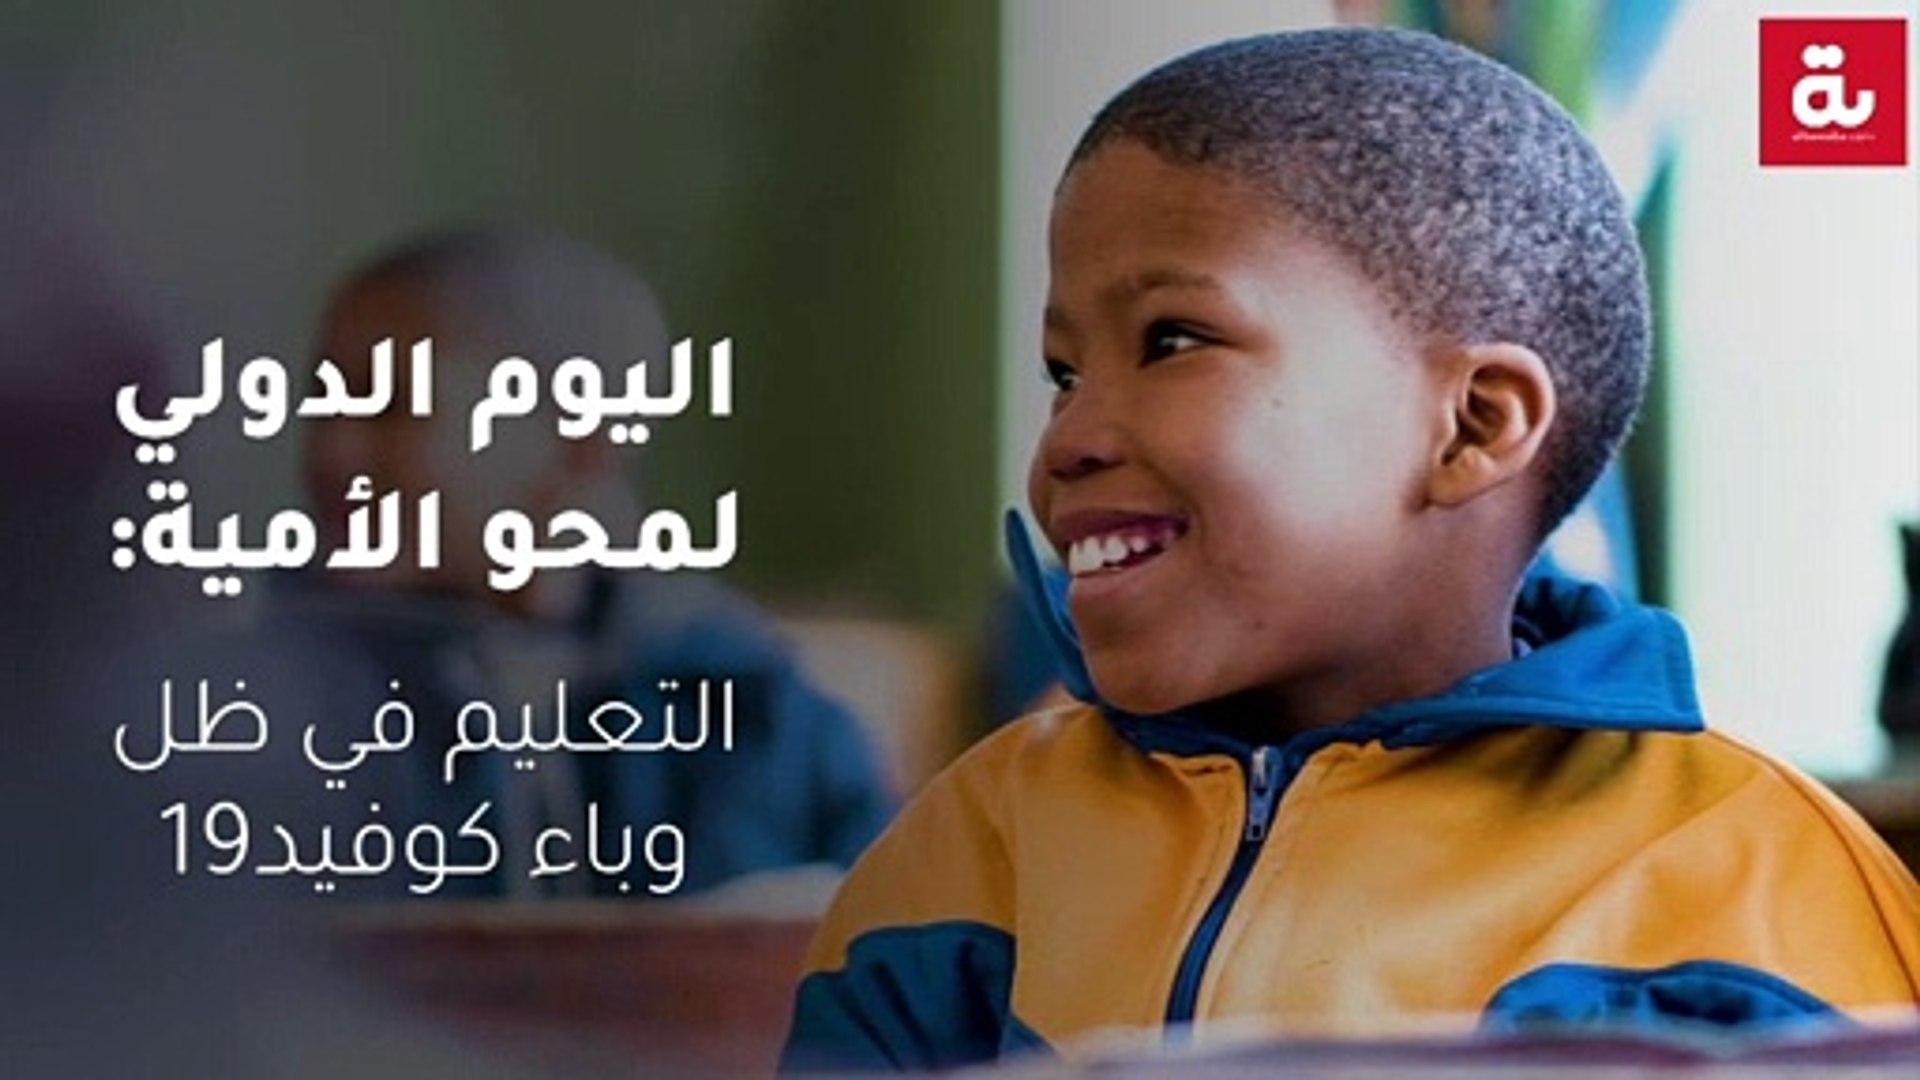 اليوم الدولي لمحو الأمية: التعليم في ظل وباء كوفيد-19